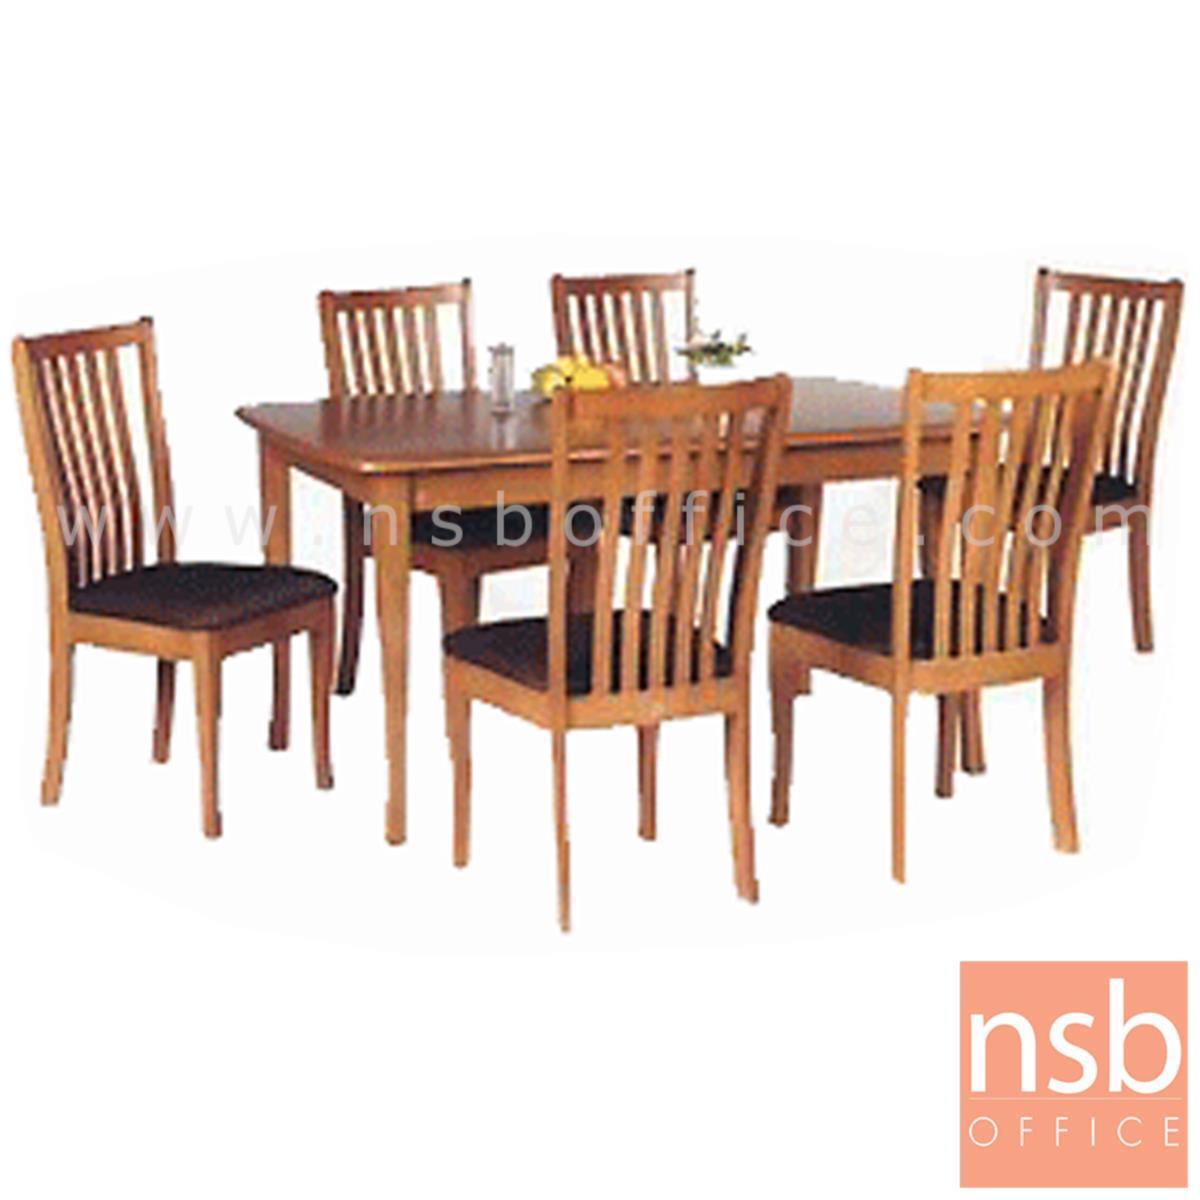 G14A029:ชุดโต๊ะรับประทานอาหารโฟเมก้าลายไม้ 6 ที่นั่ง รุ่น SUNNY-18 ขนาด 150W cm. พร้อมเก้าอี้